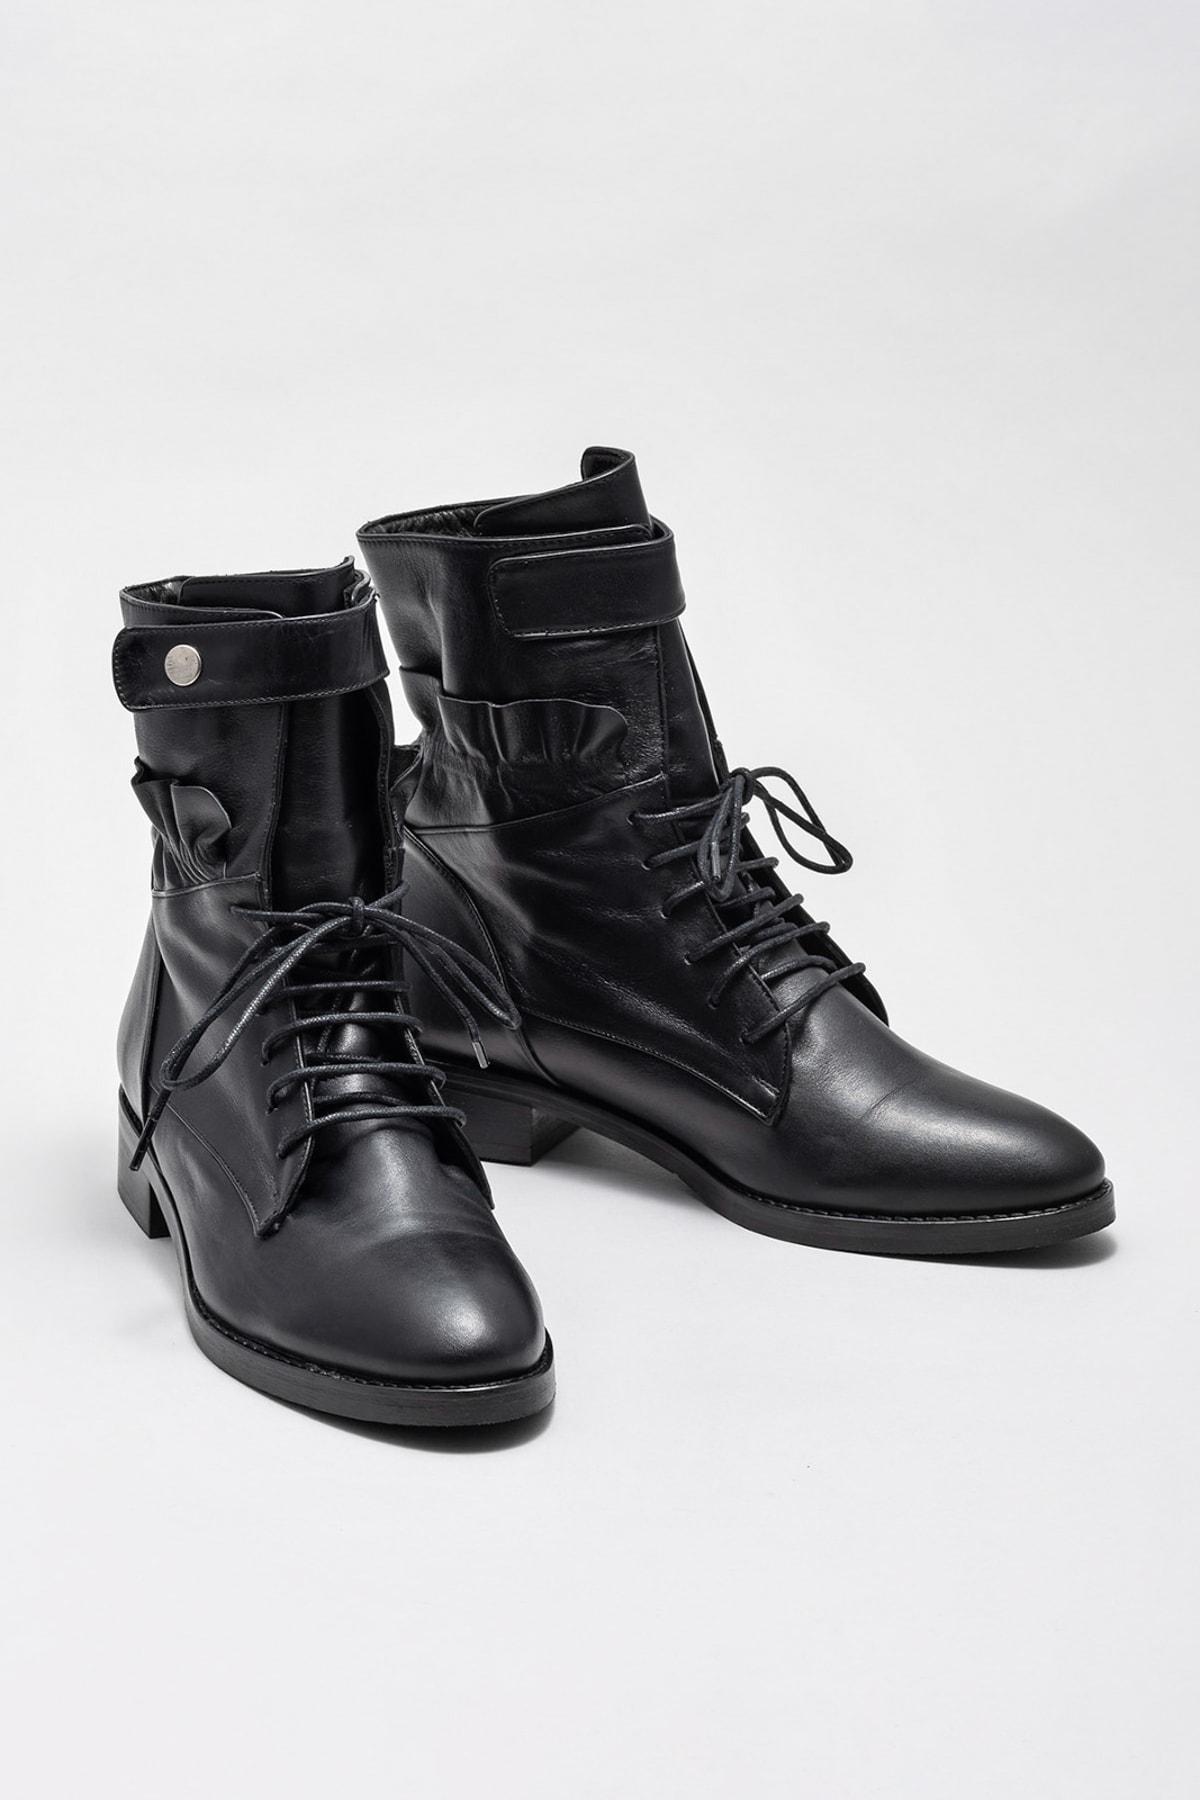 Elle Shoes ROOSETTE Hakiki Deri Siyah Kadın Bot 2